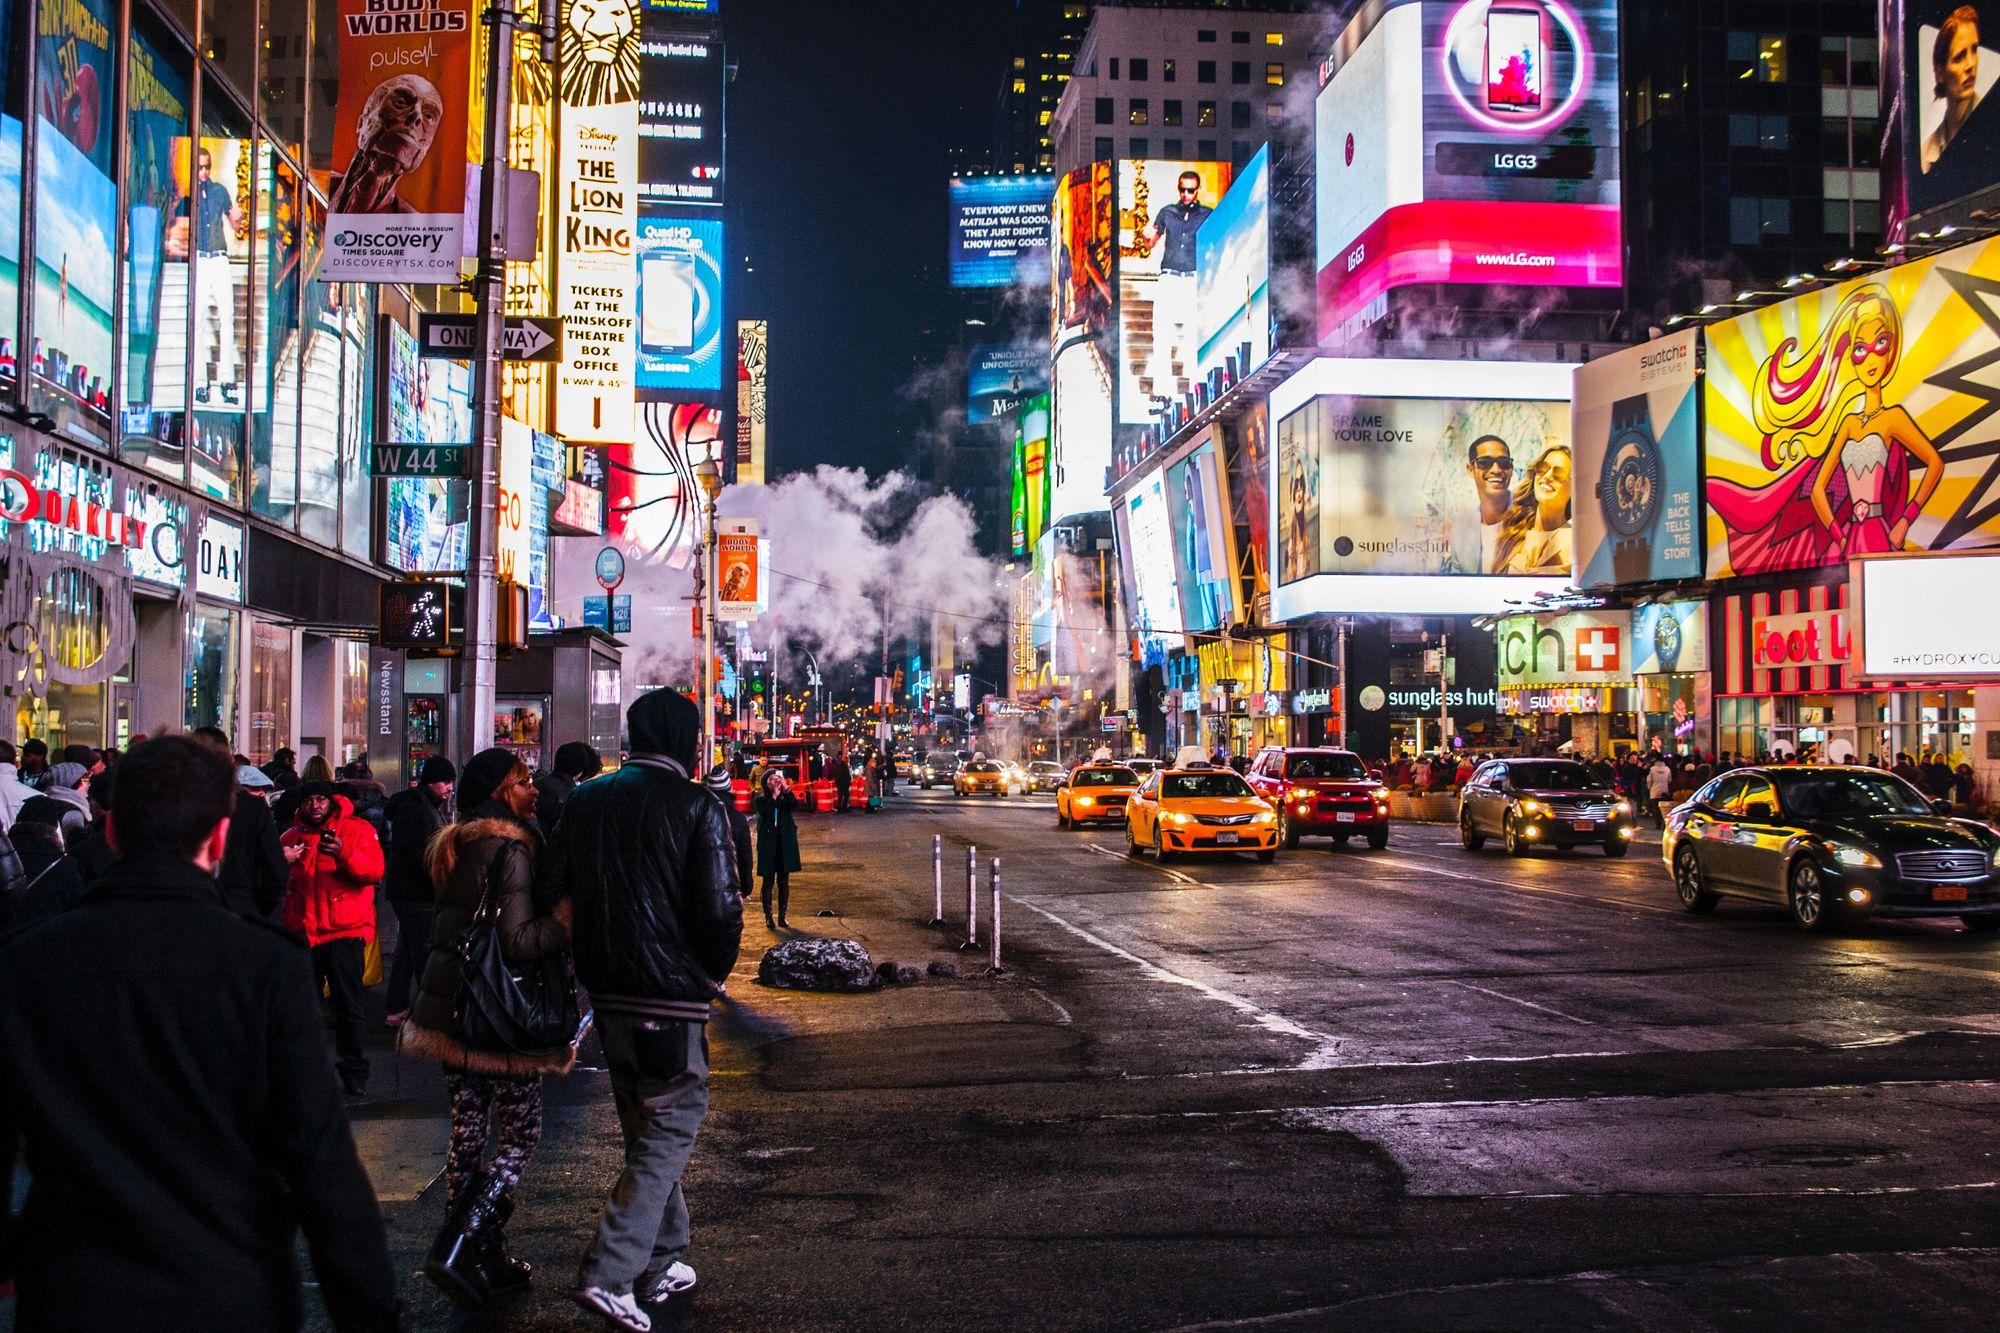 Planejamento de campanha publicitária: confira o passo a passo e três tendências de marketing